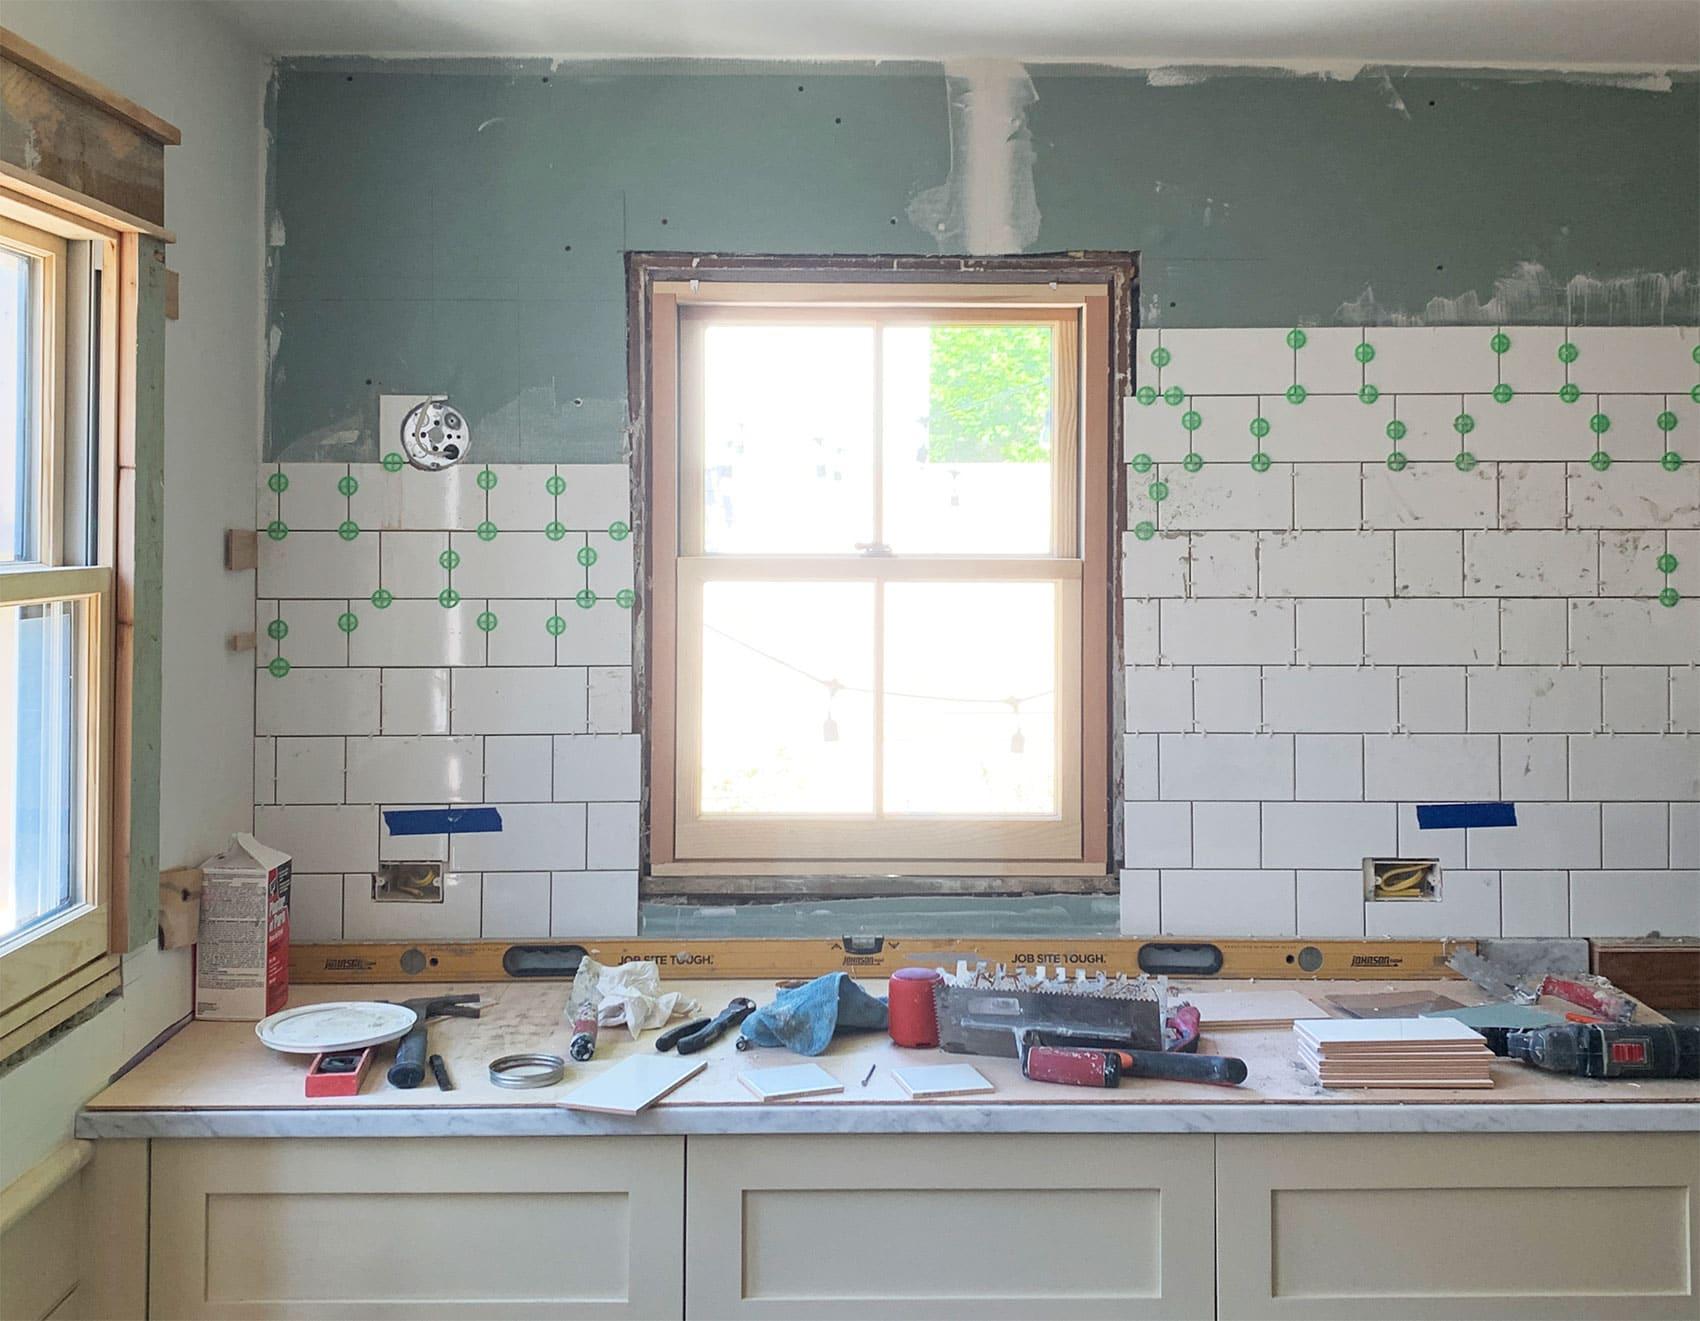 - Let's Tile A Backsplash! Daniel Kanter